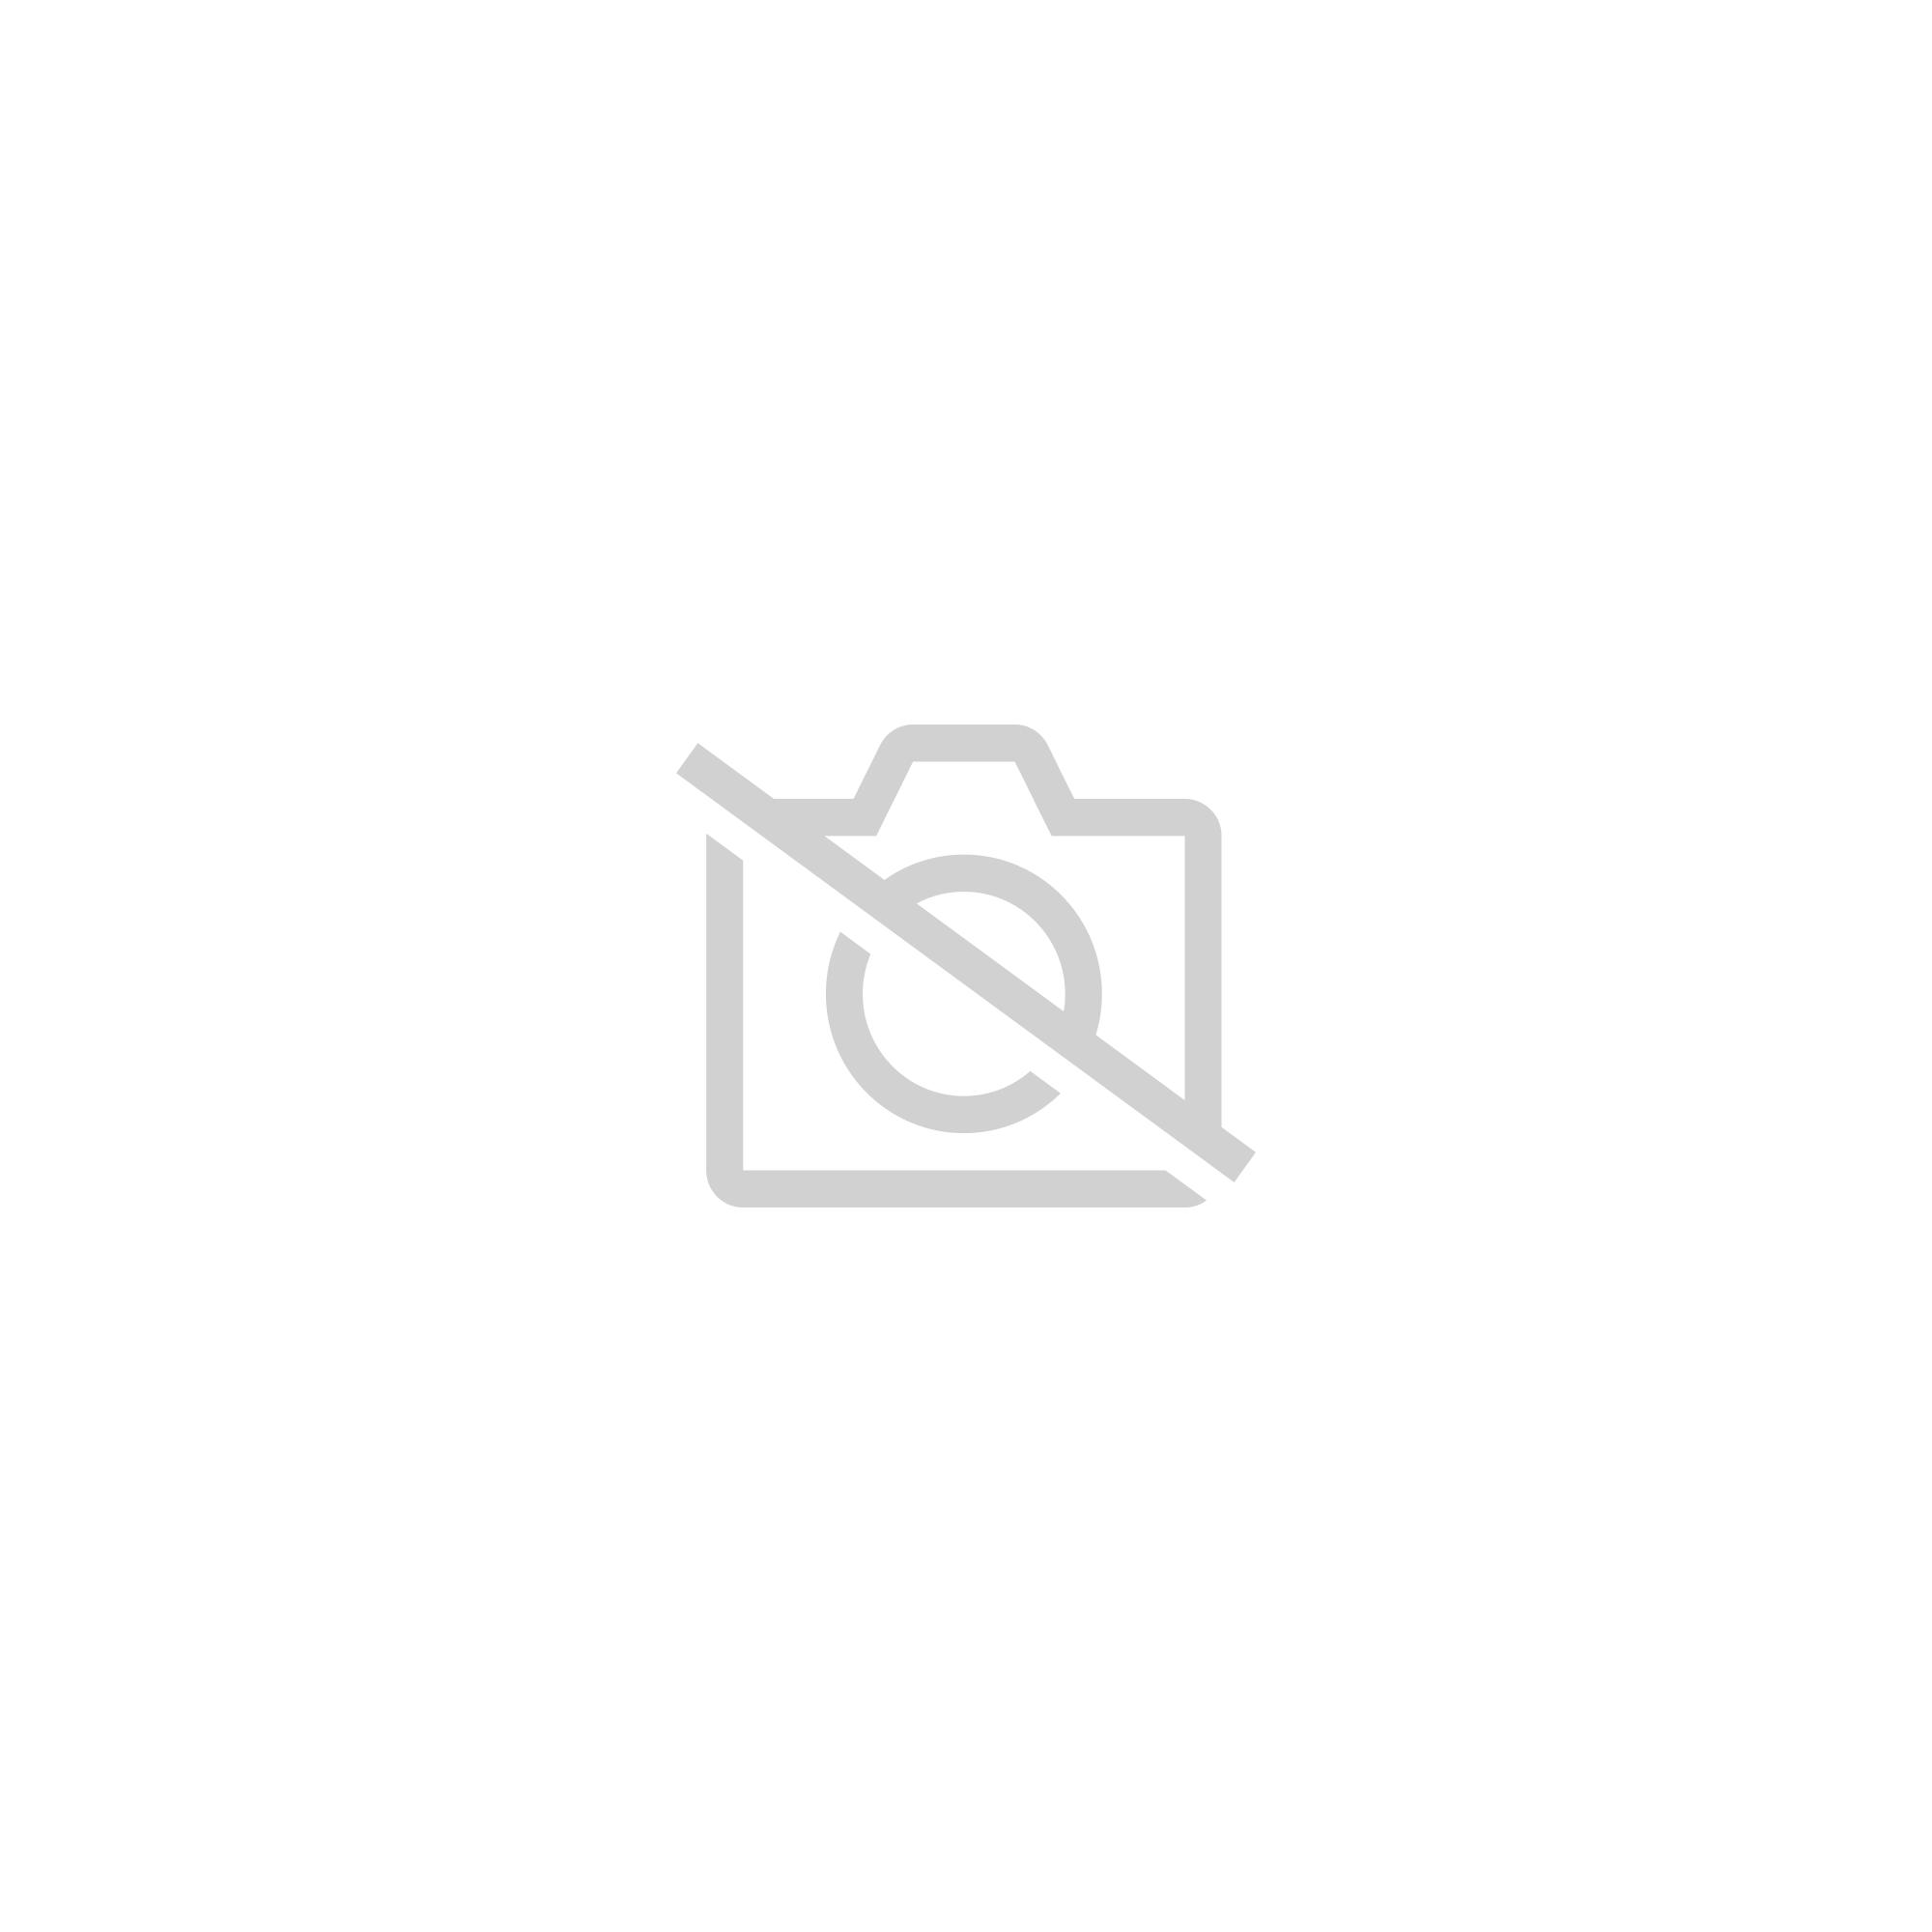 Fortnite - Le Guide Pro Non-Officiel de Collectif Null